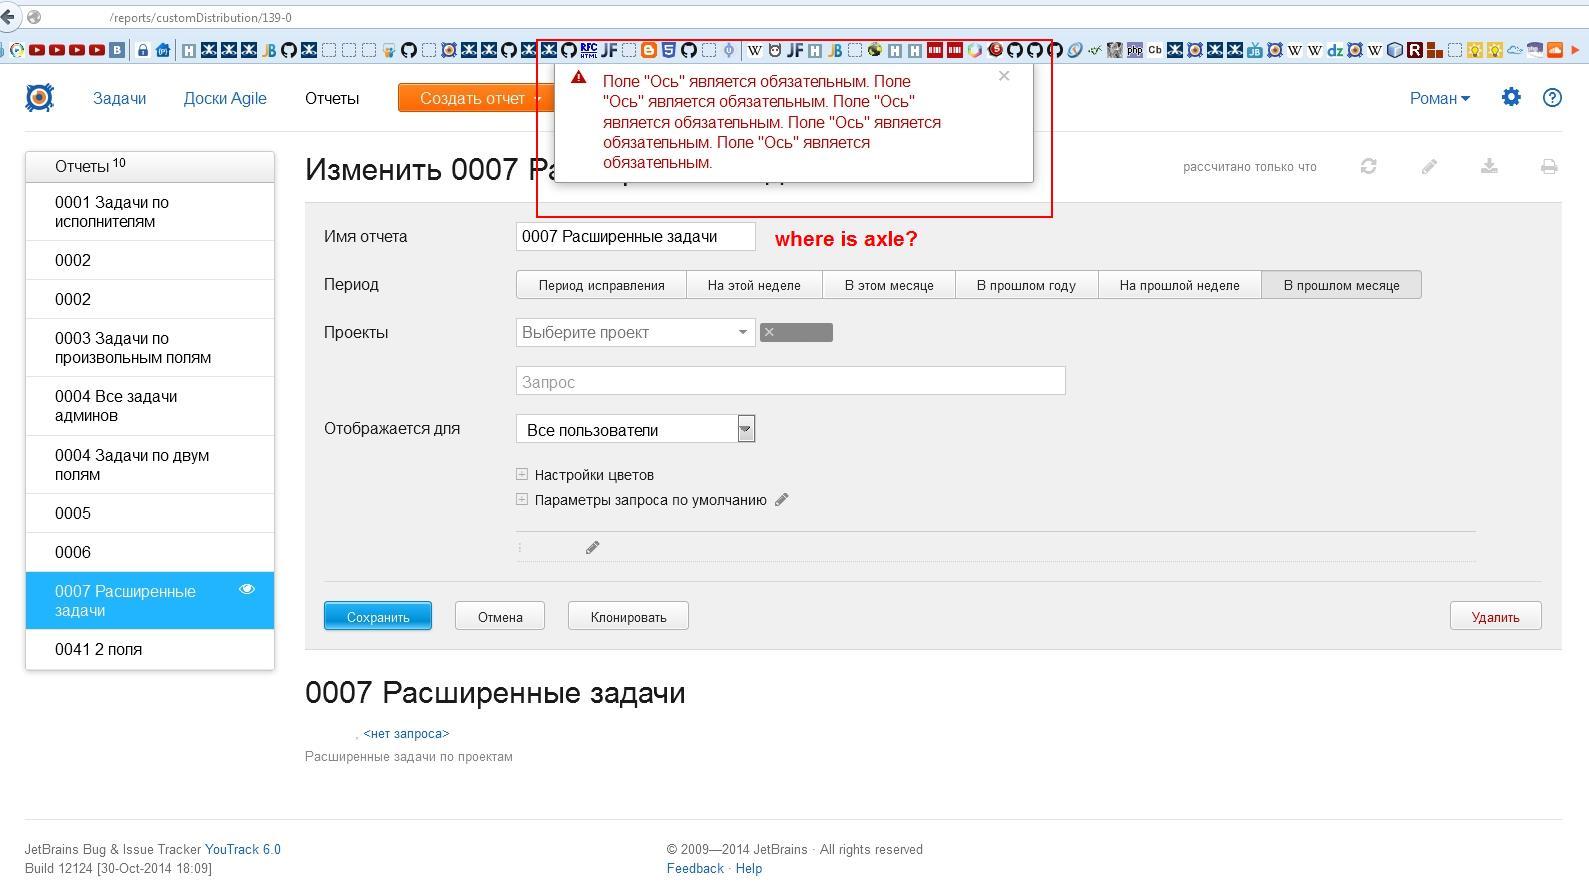 screenshot.7.jpg